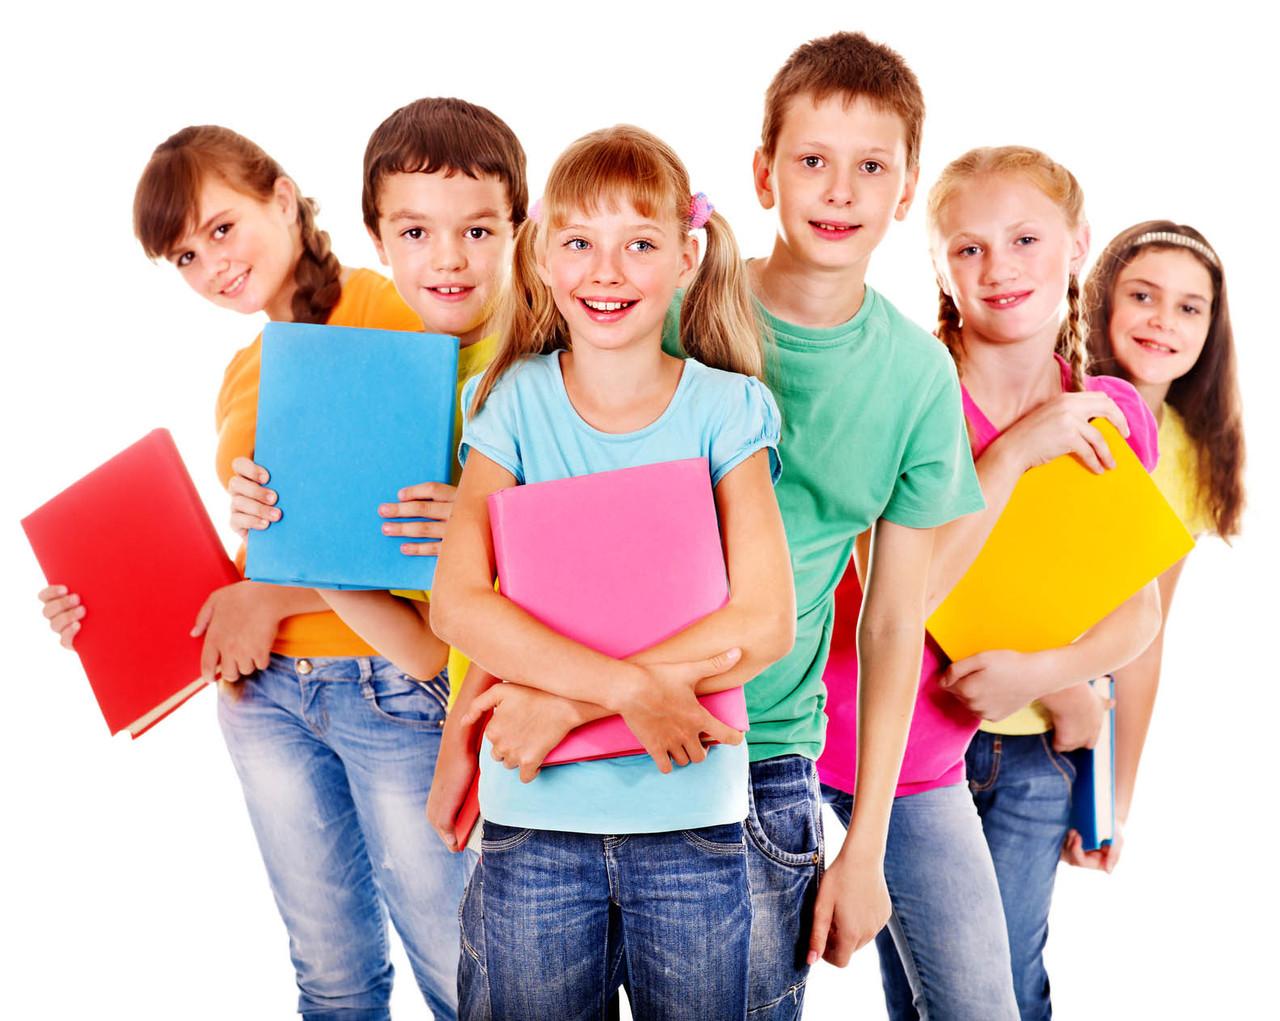 Развивающие курсы для детей в Алматы. Развивающие кружки. Развивающие курсы для подростков. Развивающие курсы для школьников. Курсы обучающие развивающие.